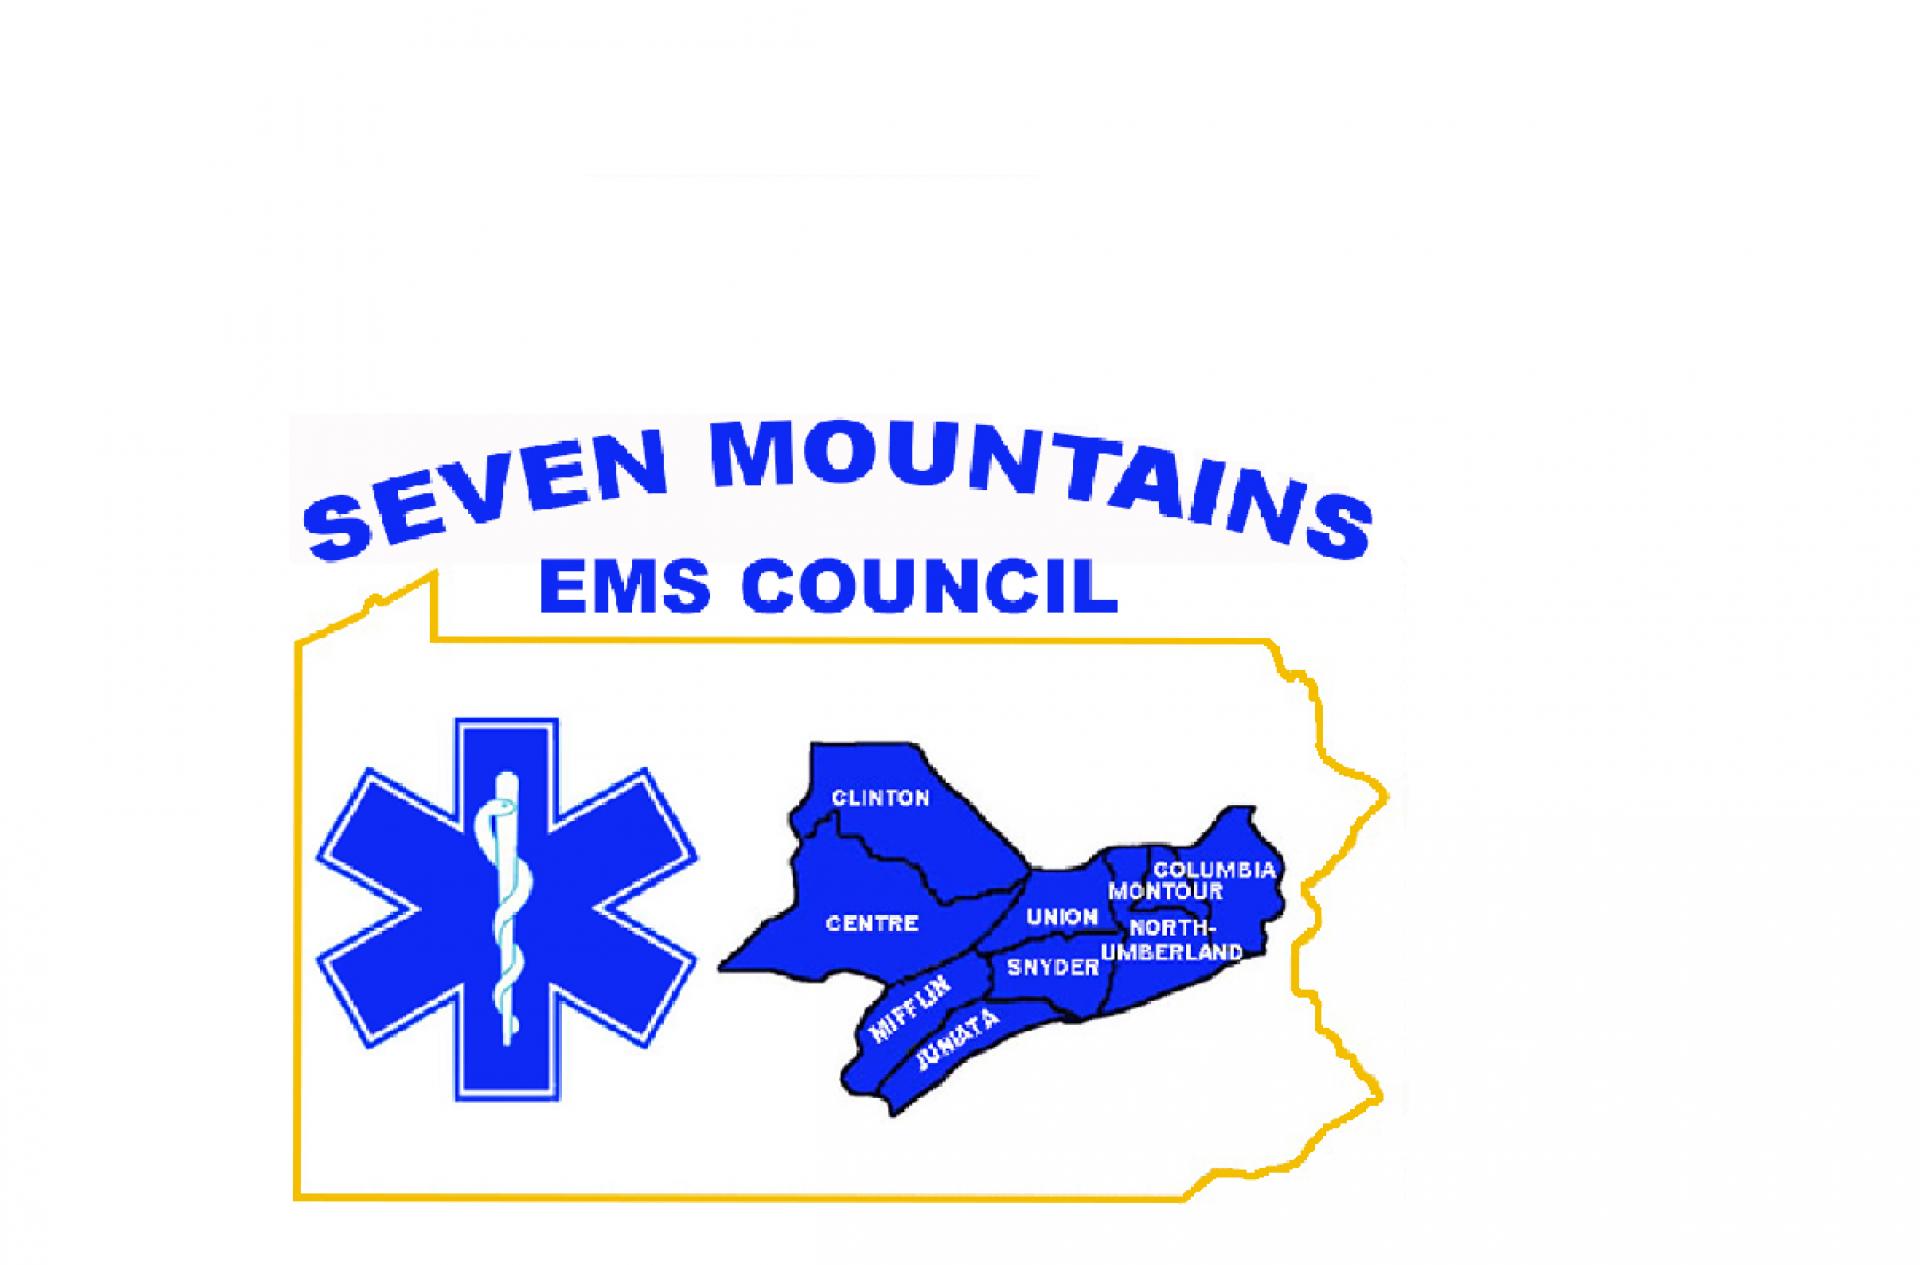 Seven Mountains Ems Council